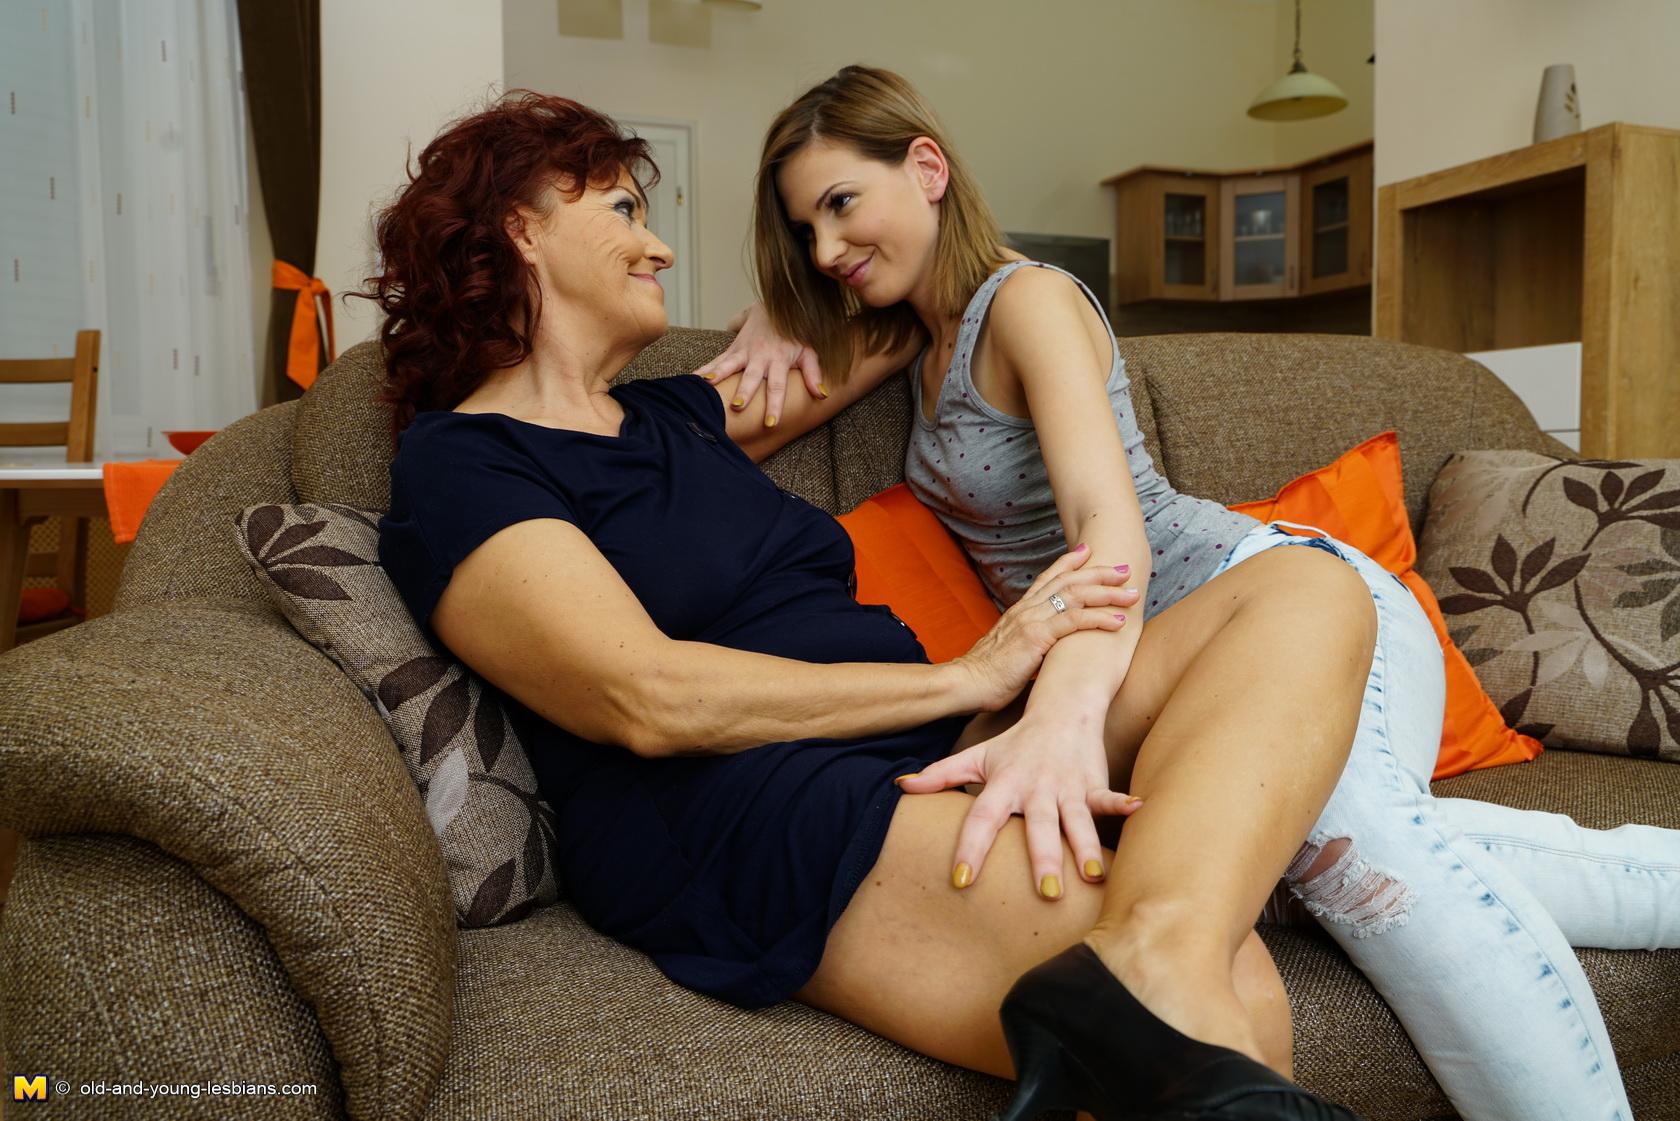 Lesbian Make Out Amateur